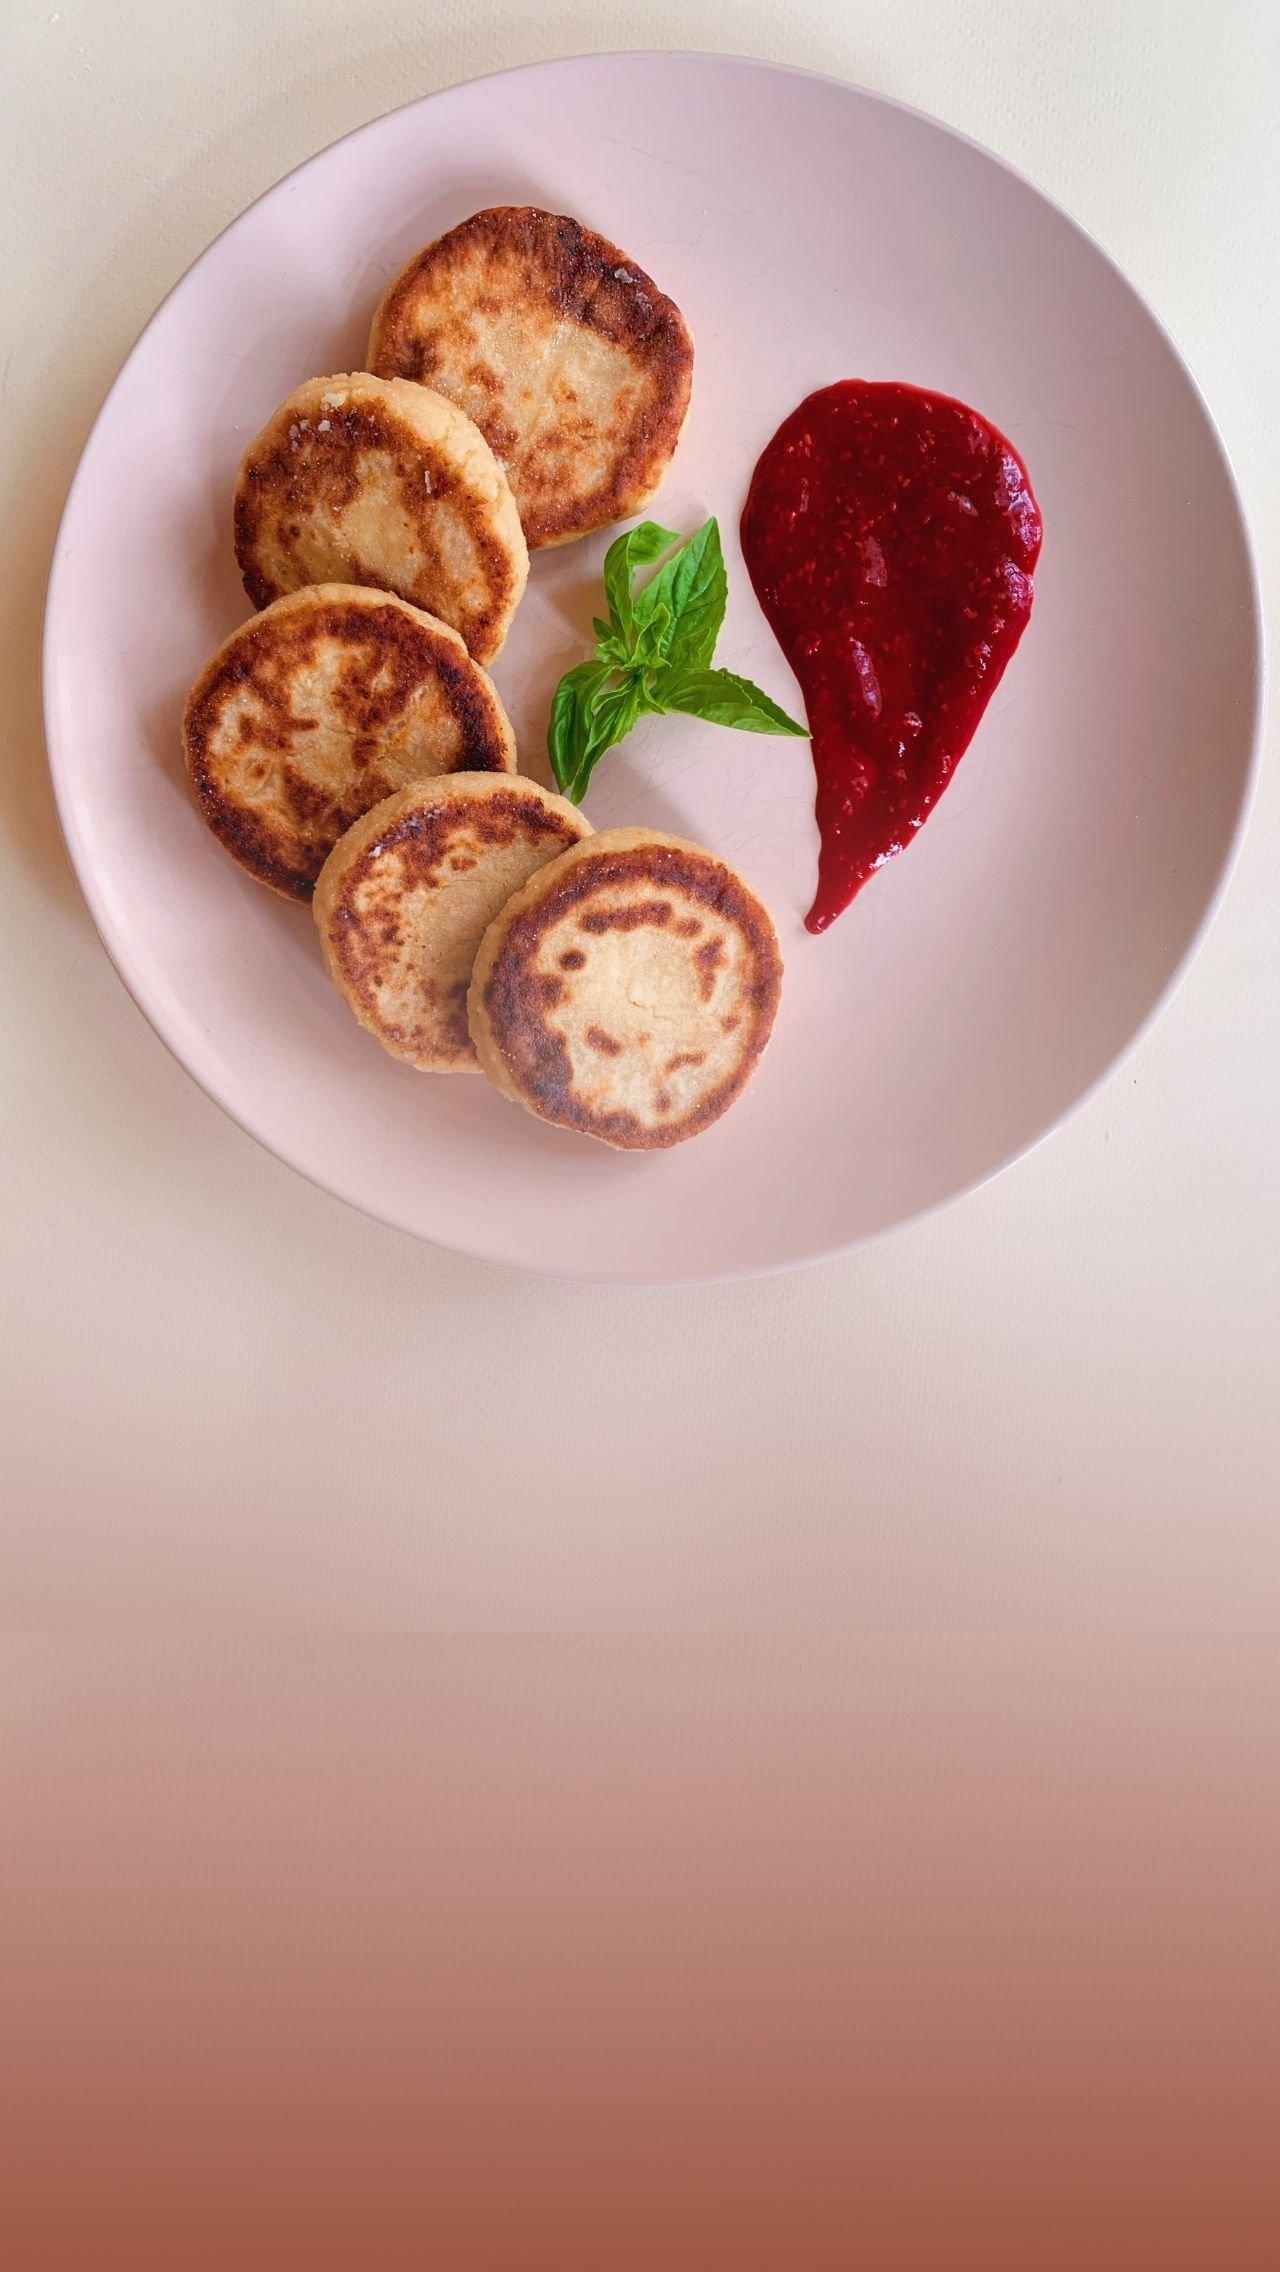 Как приготовить ПП-сырники с малиновым соусом?